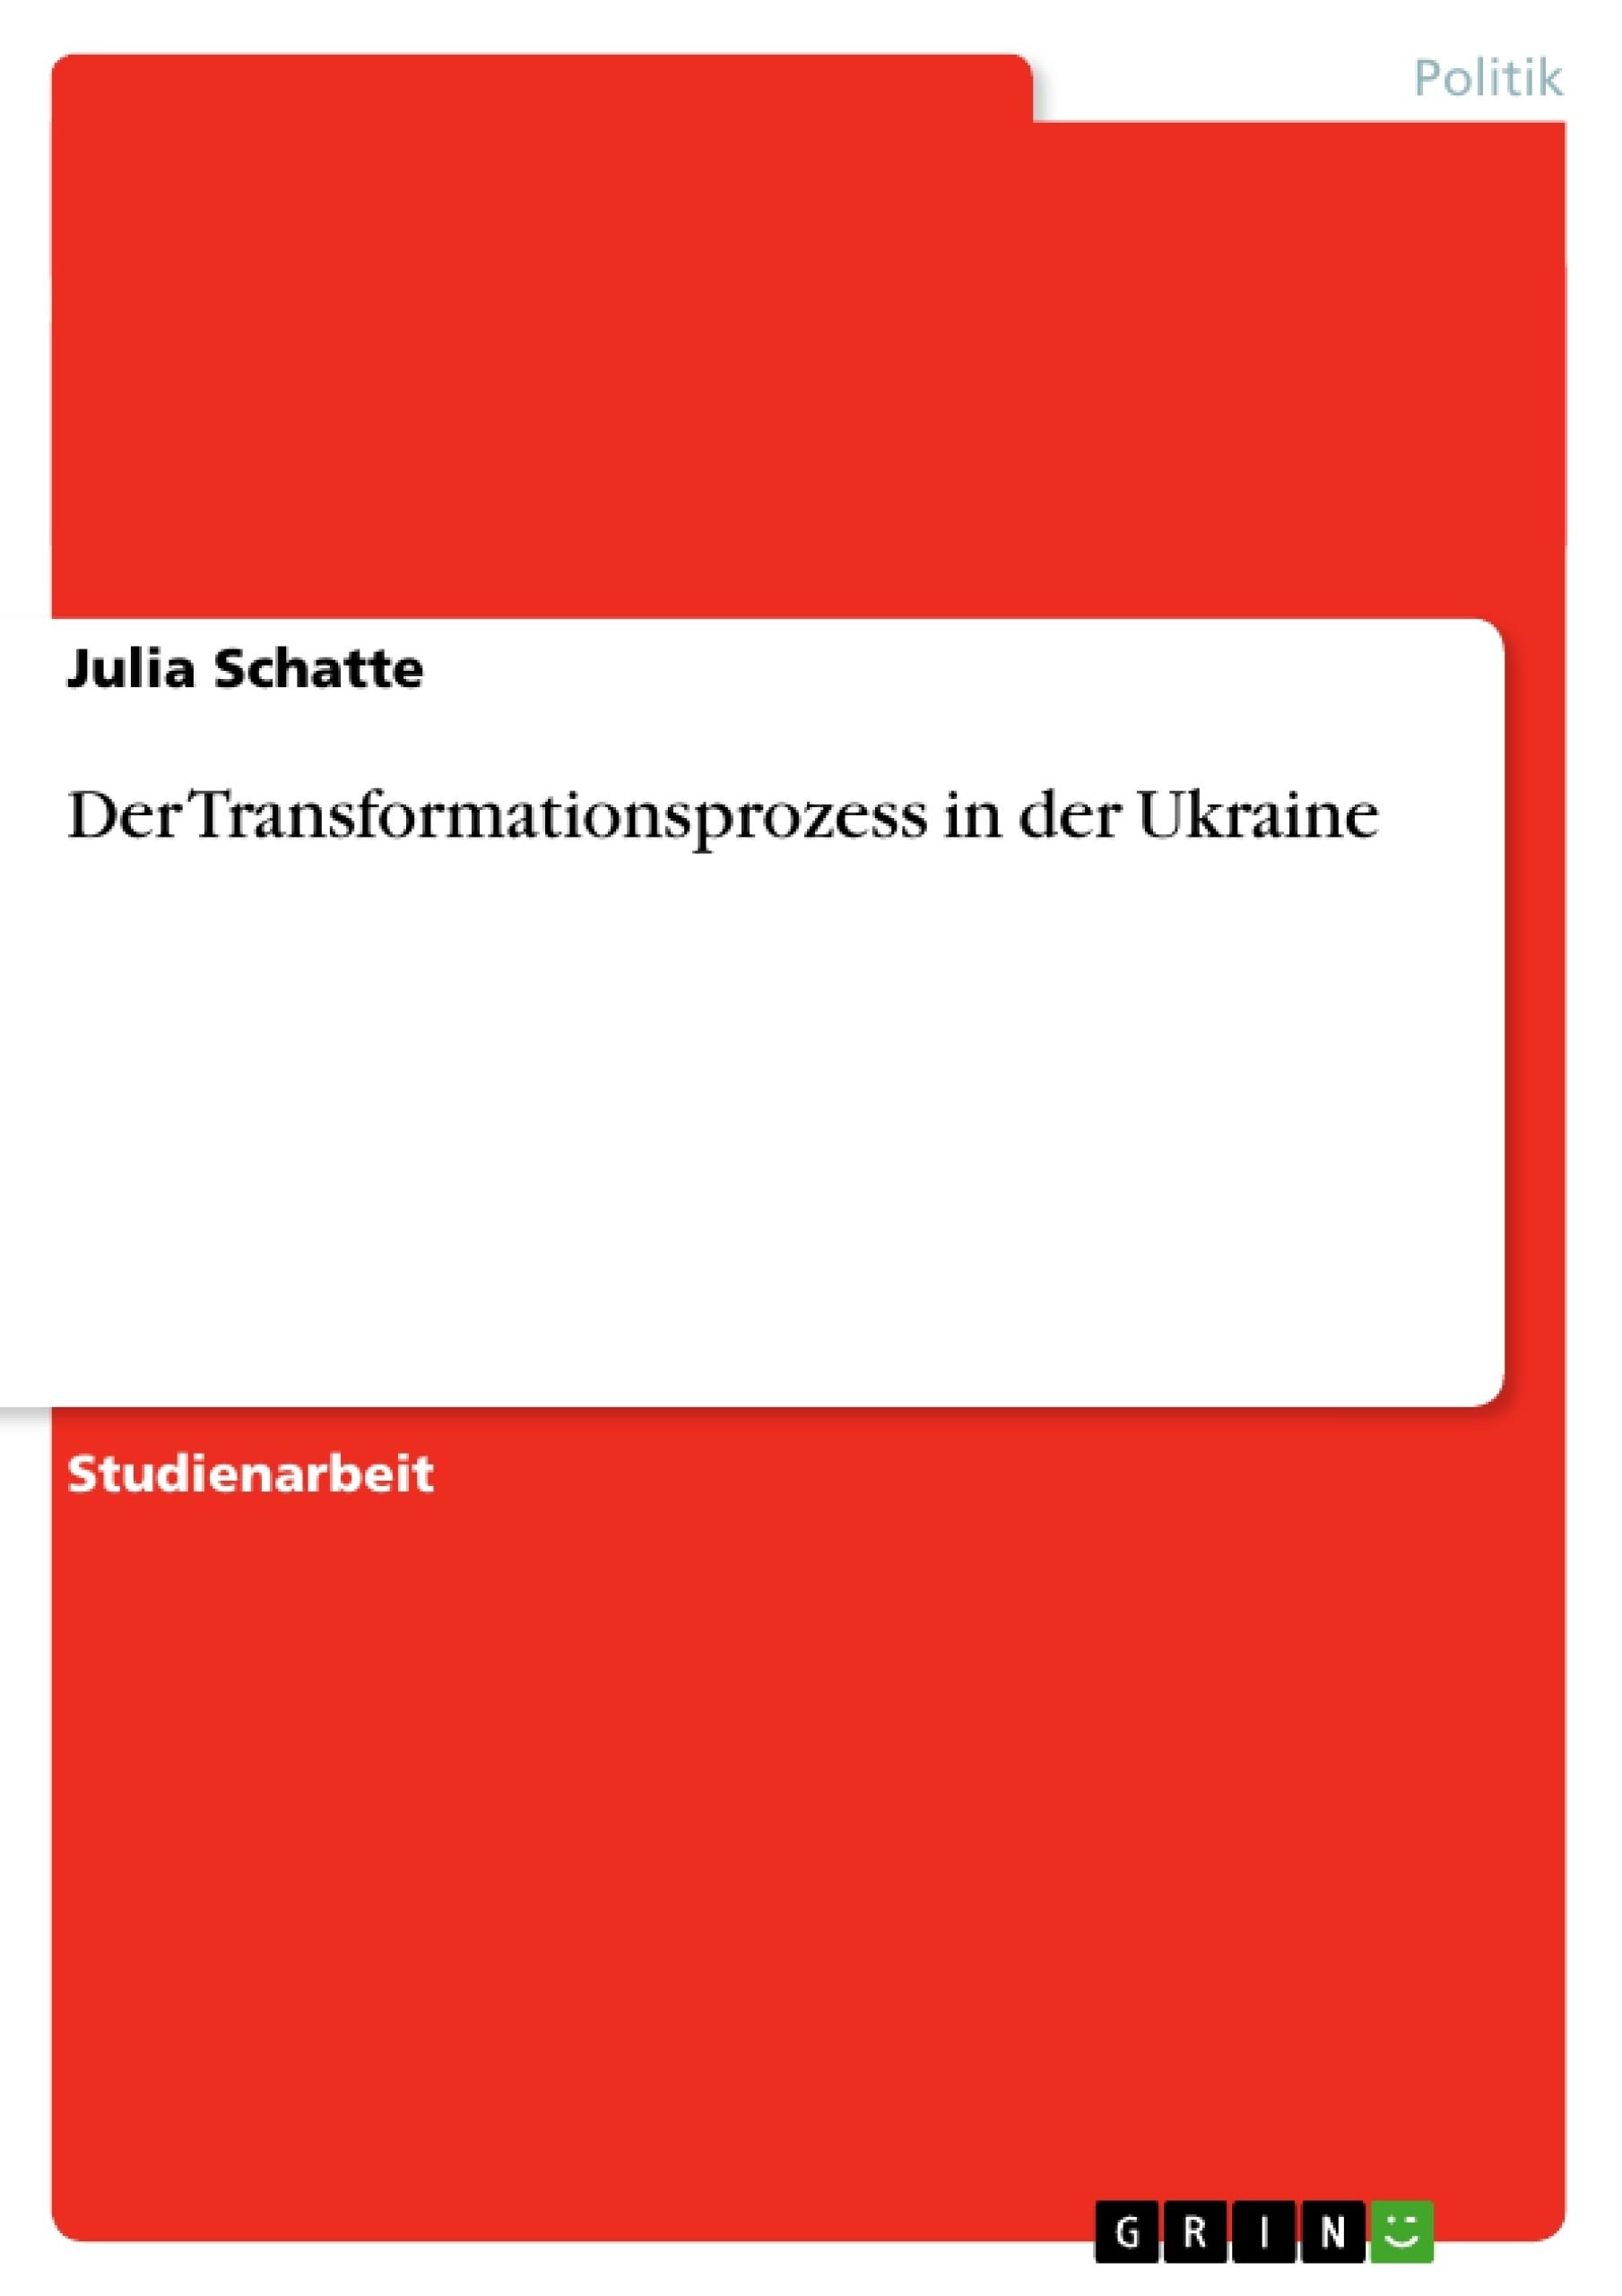 Titel: Der Transformationsprozess in der Ukraine